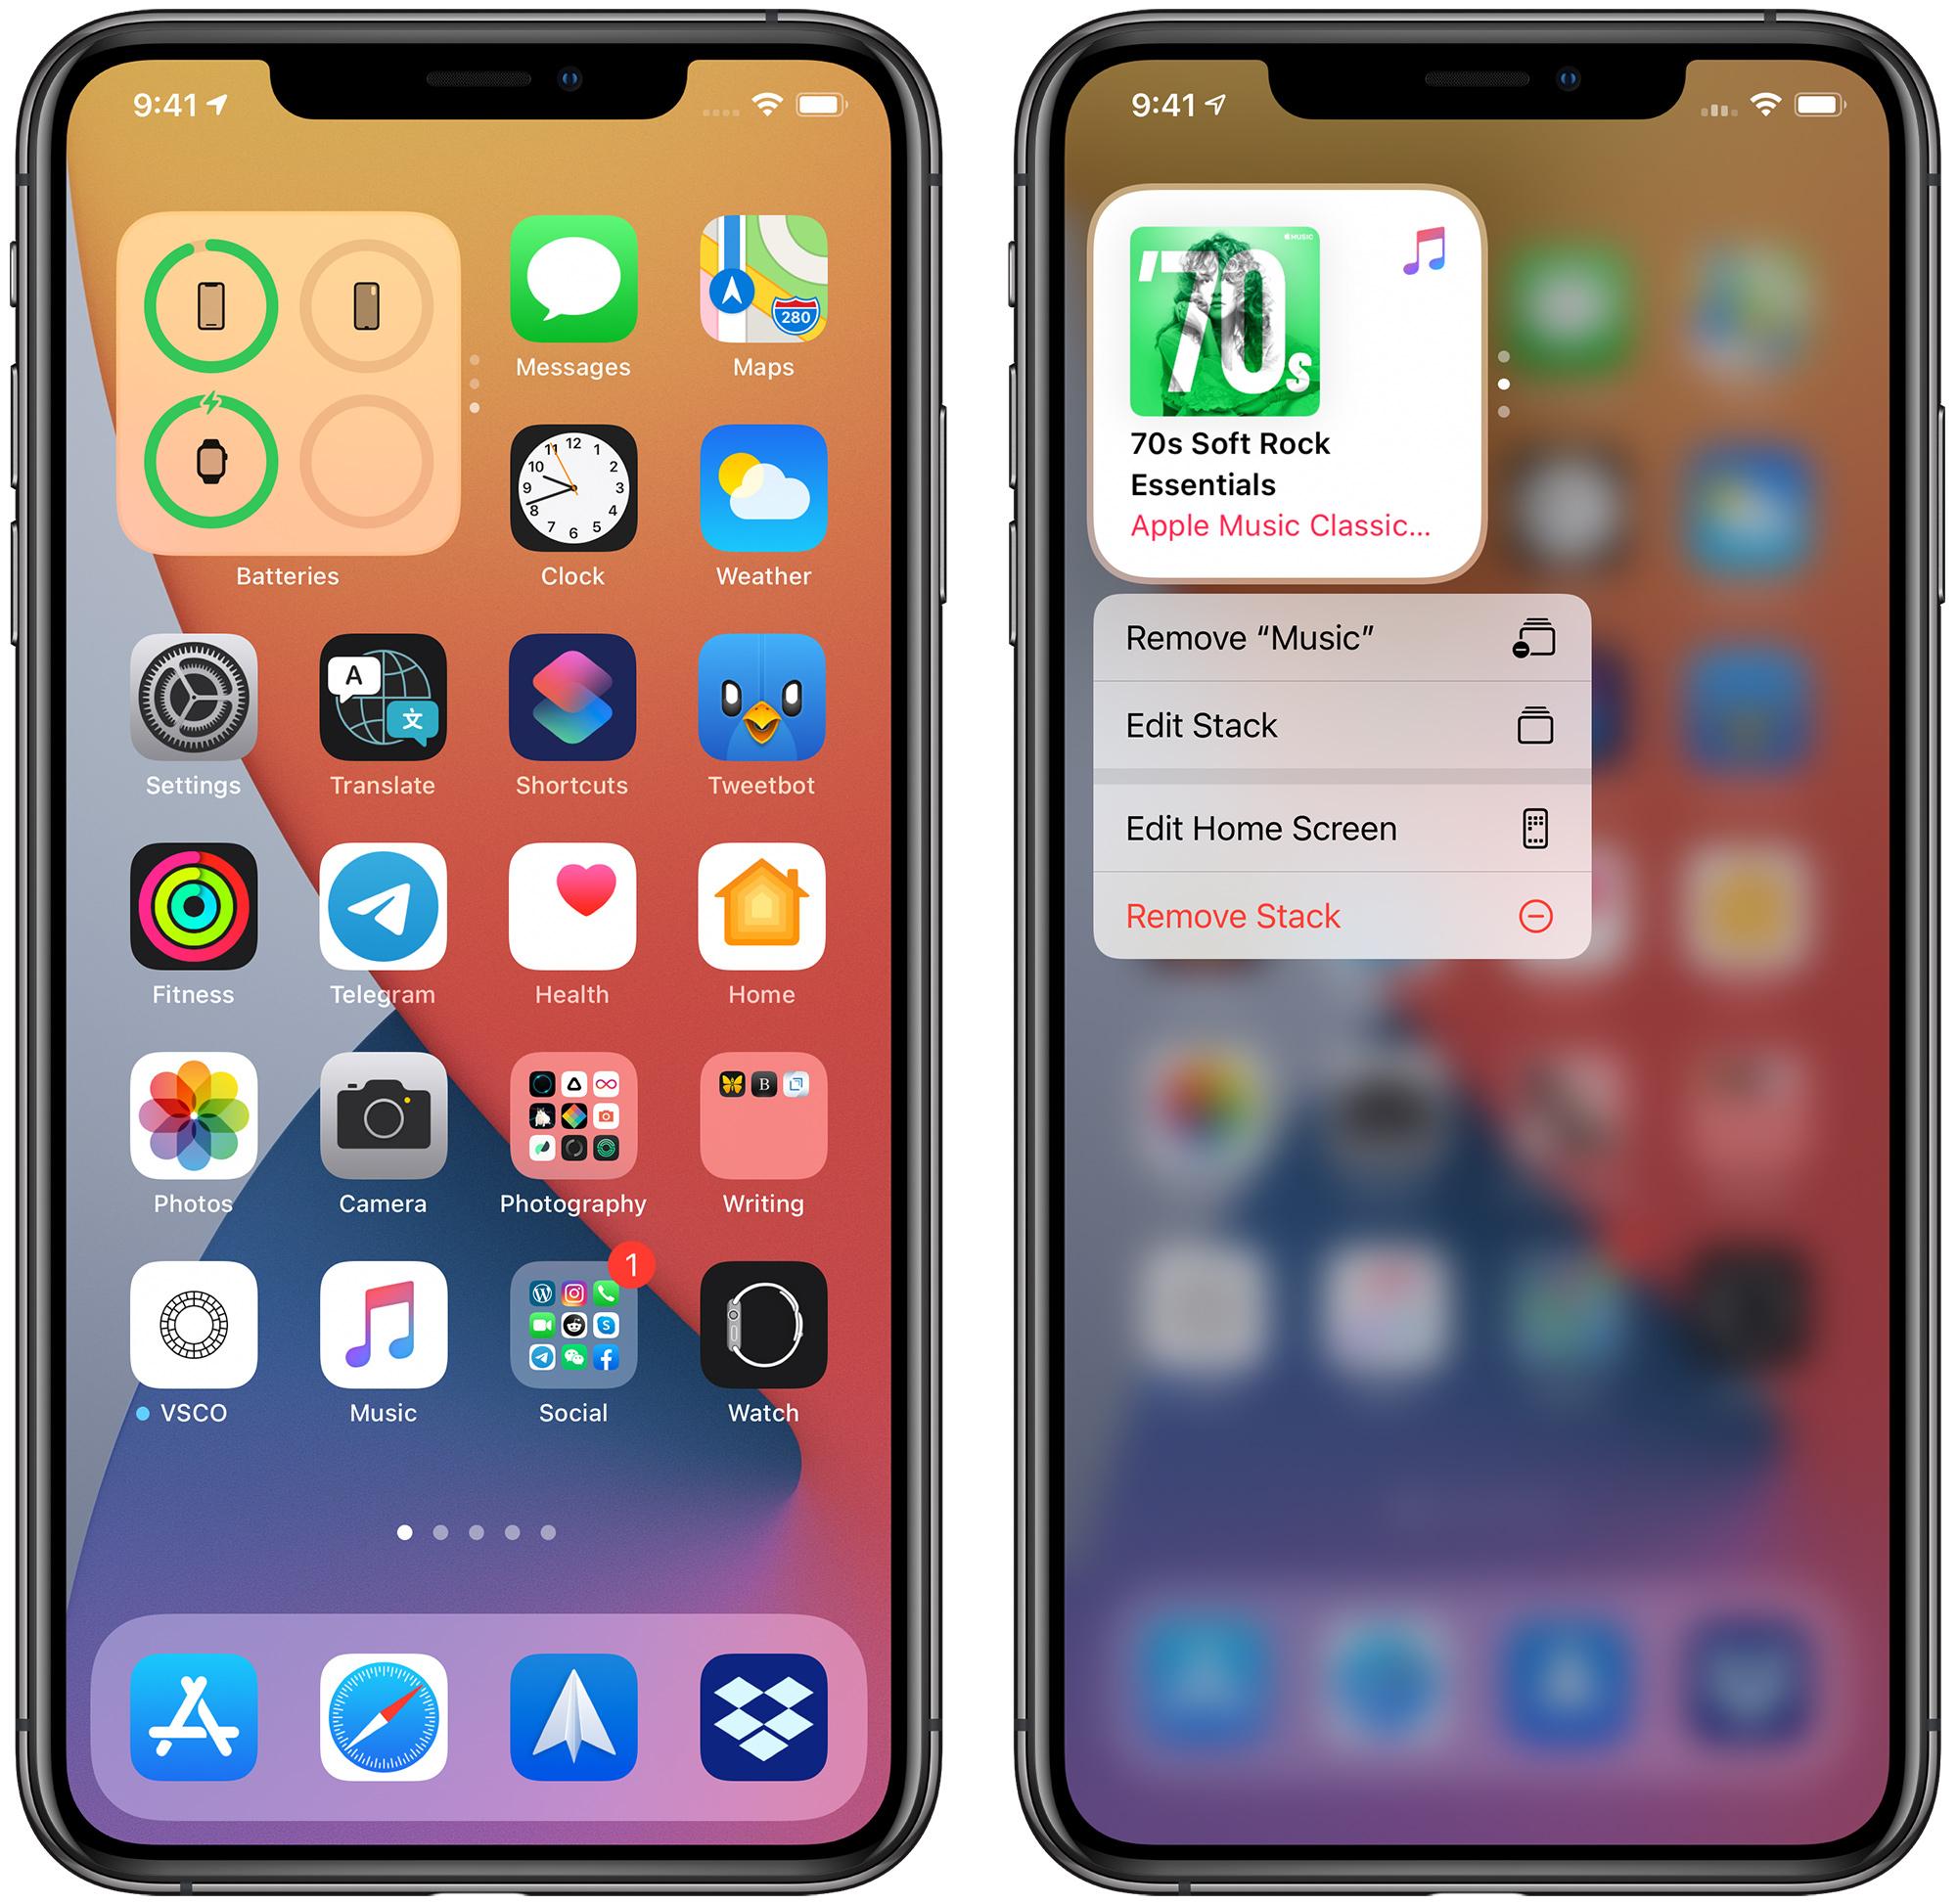 Ios14 apple IOS 14